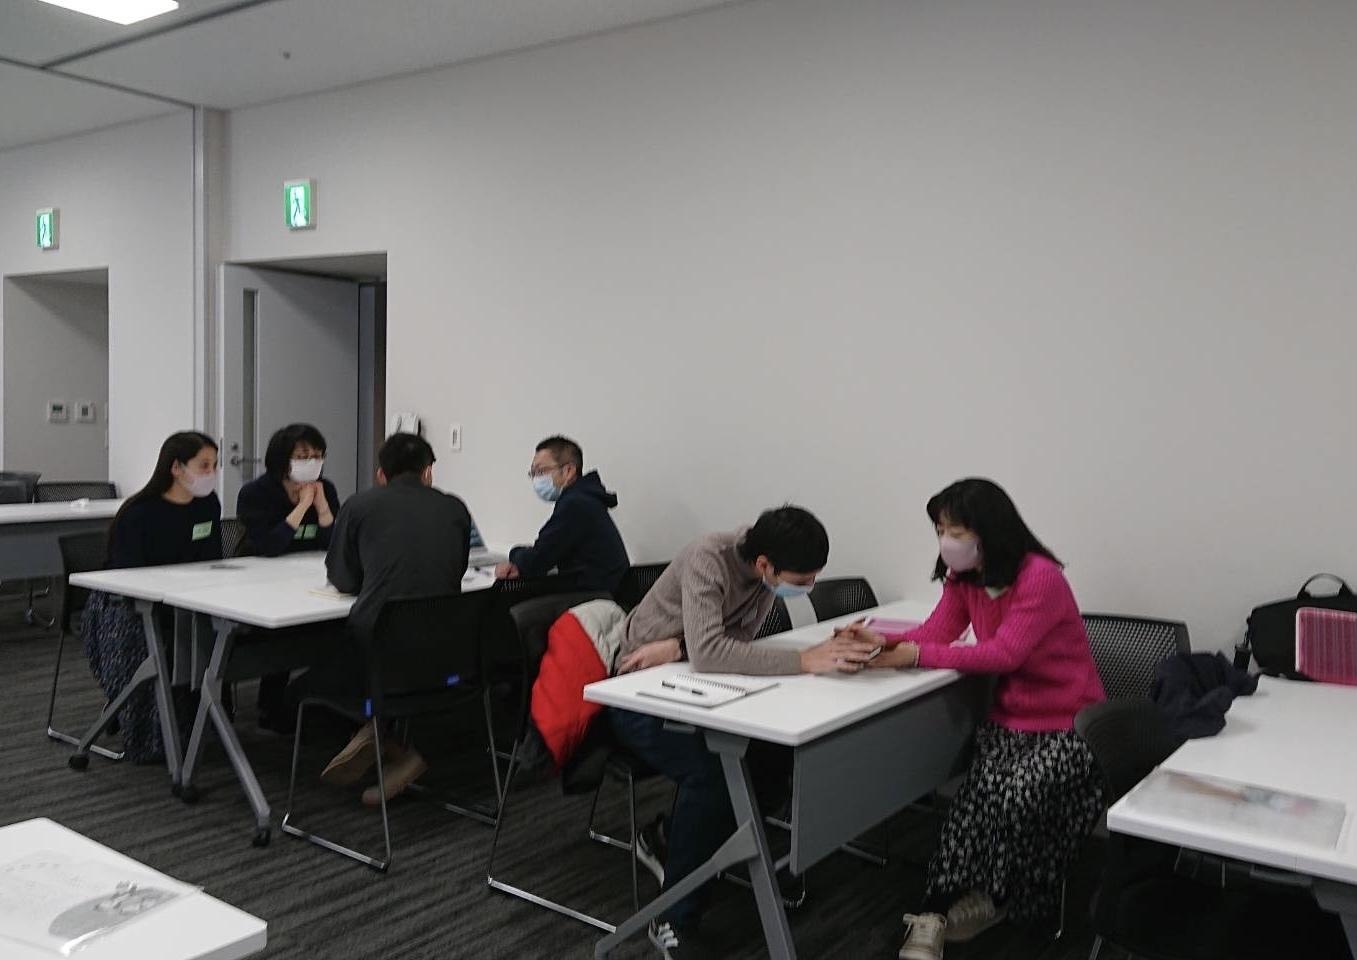 日曜朝教室(2021.03.14)_e0175020_18435492.jpeg